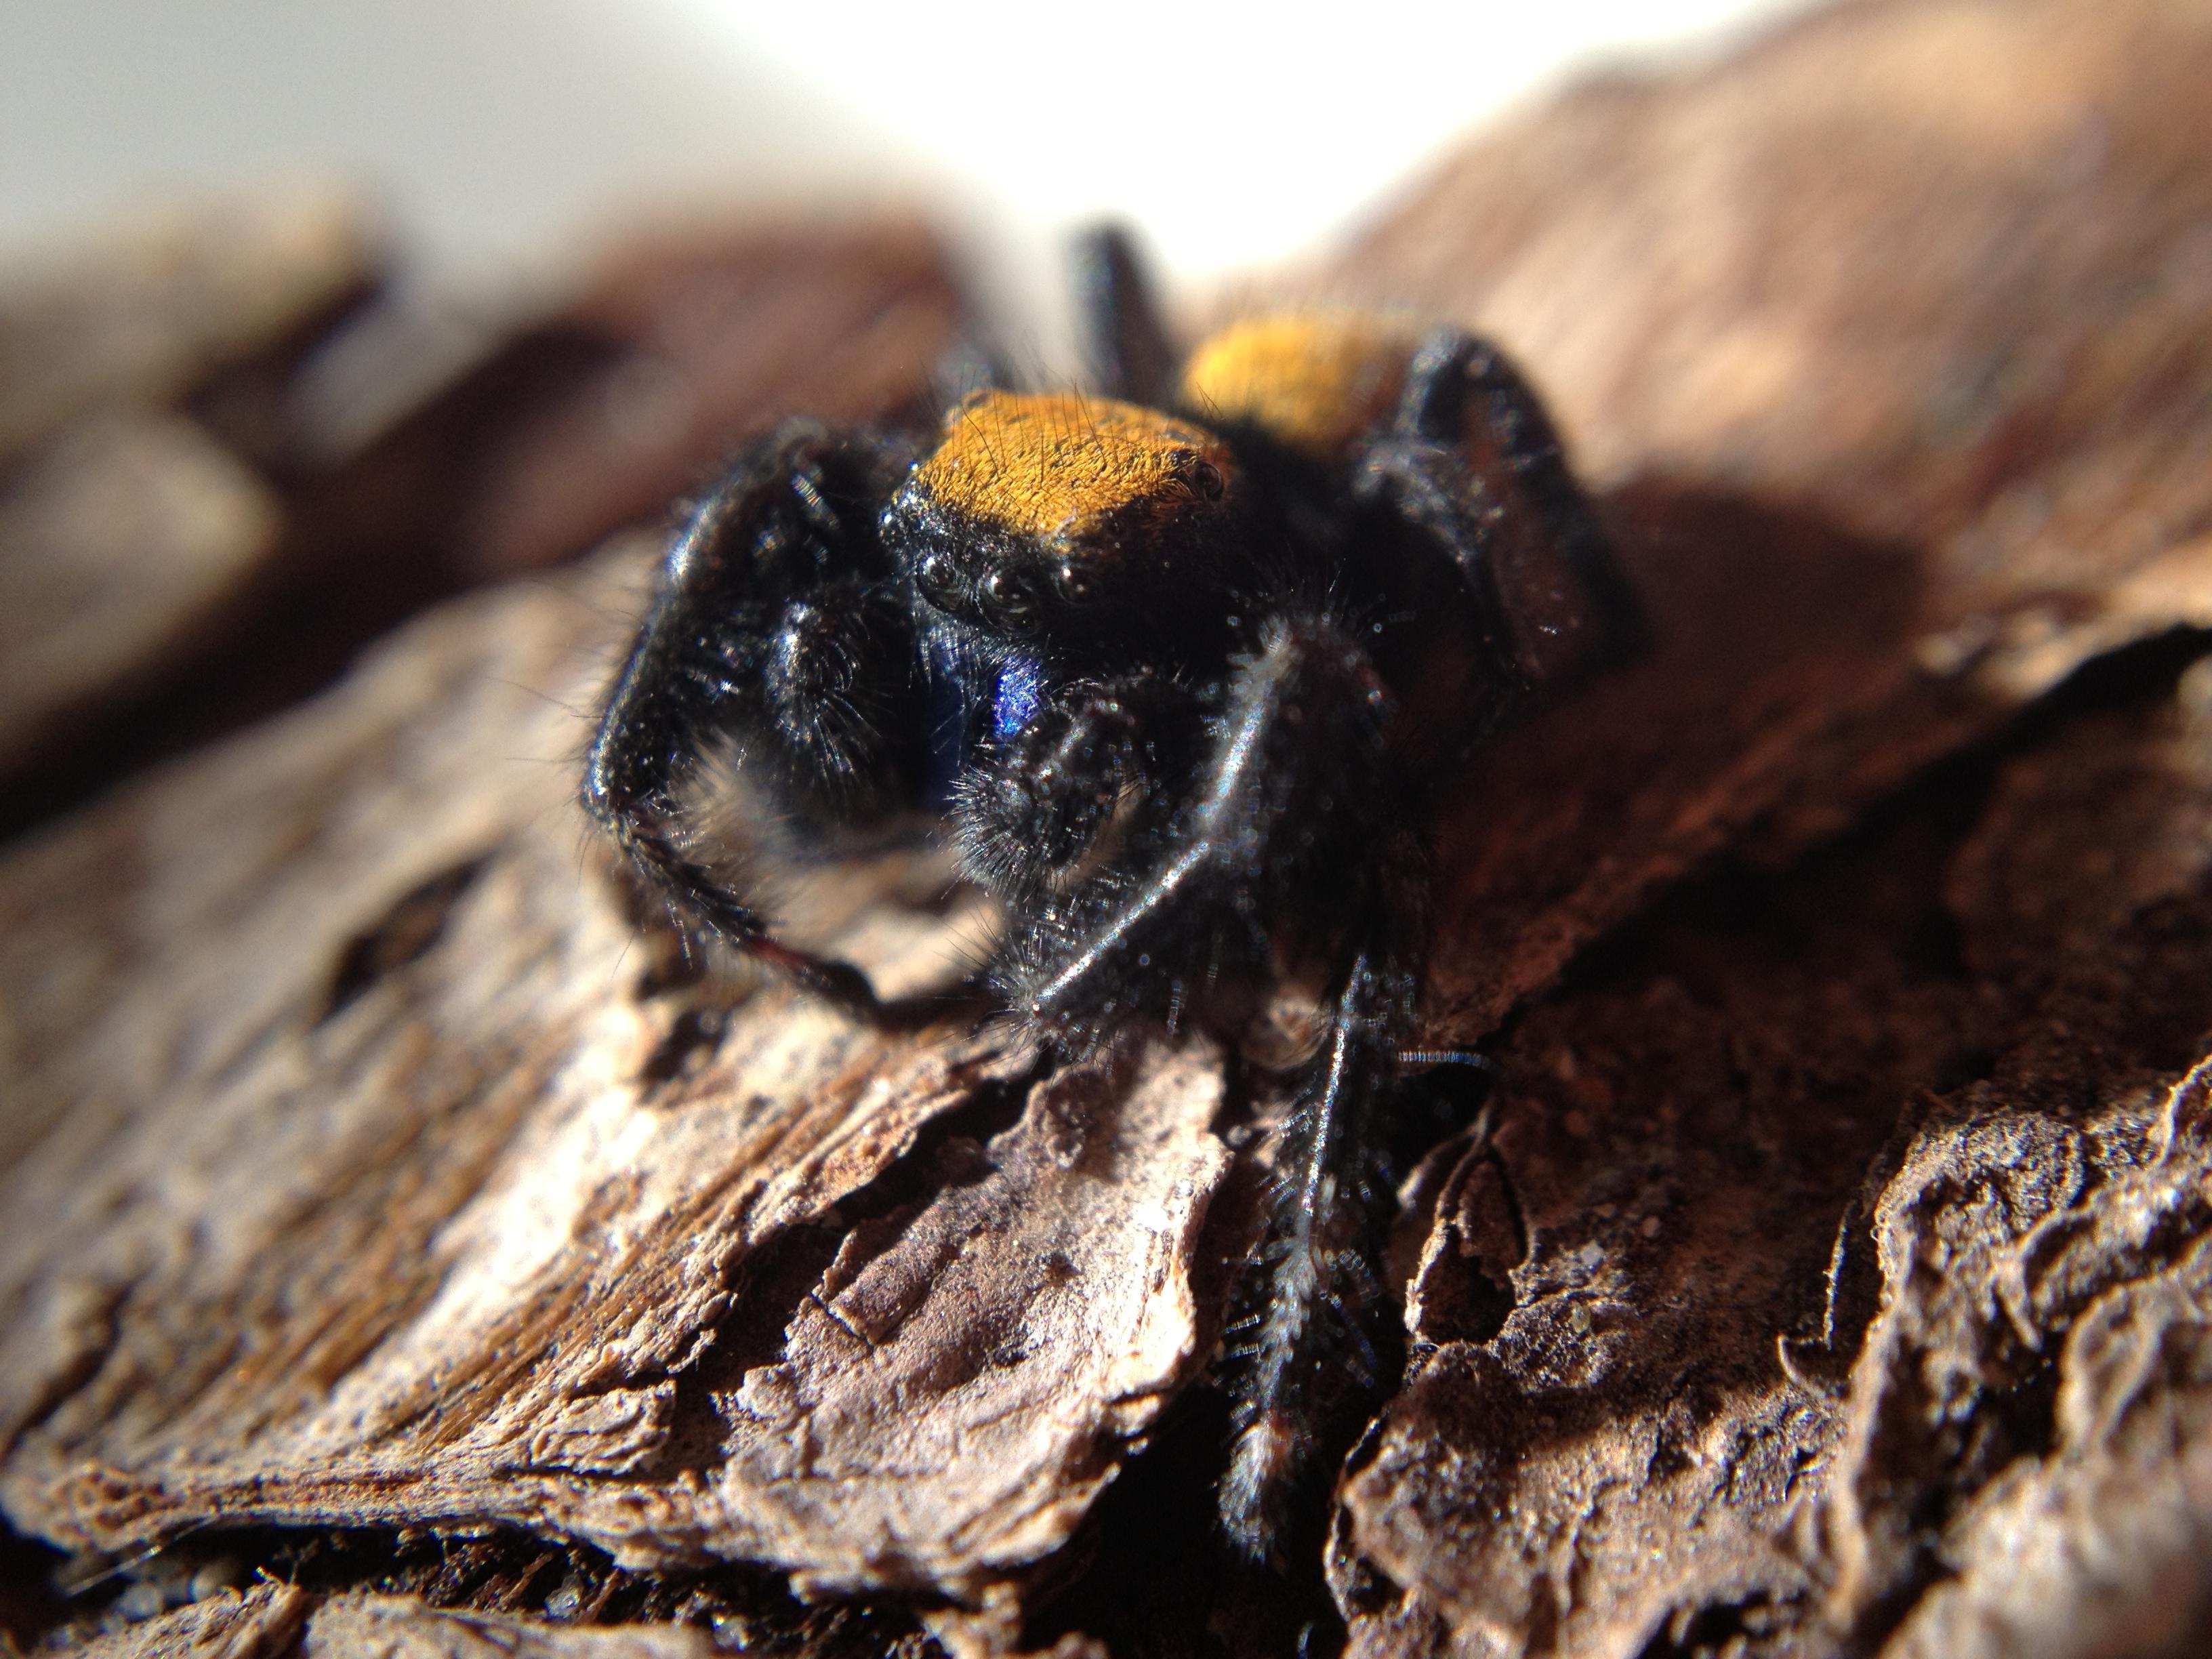 Jumping spider velvet ant mimic